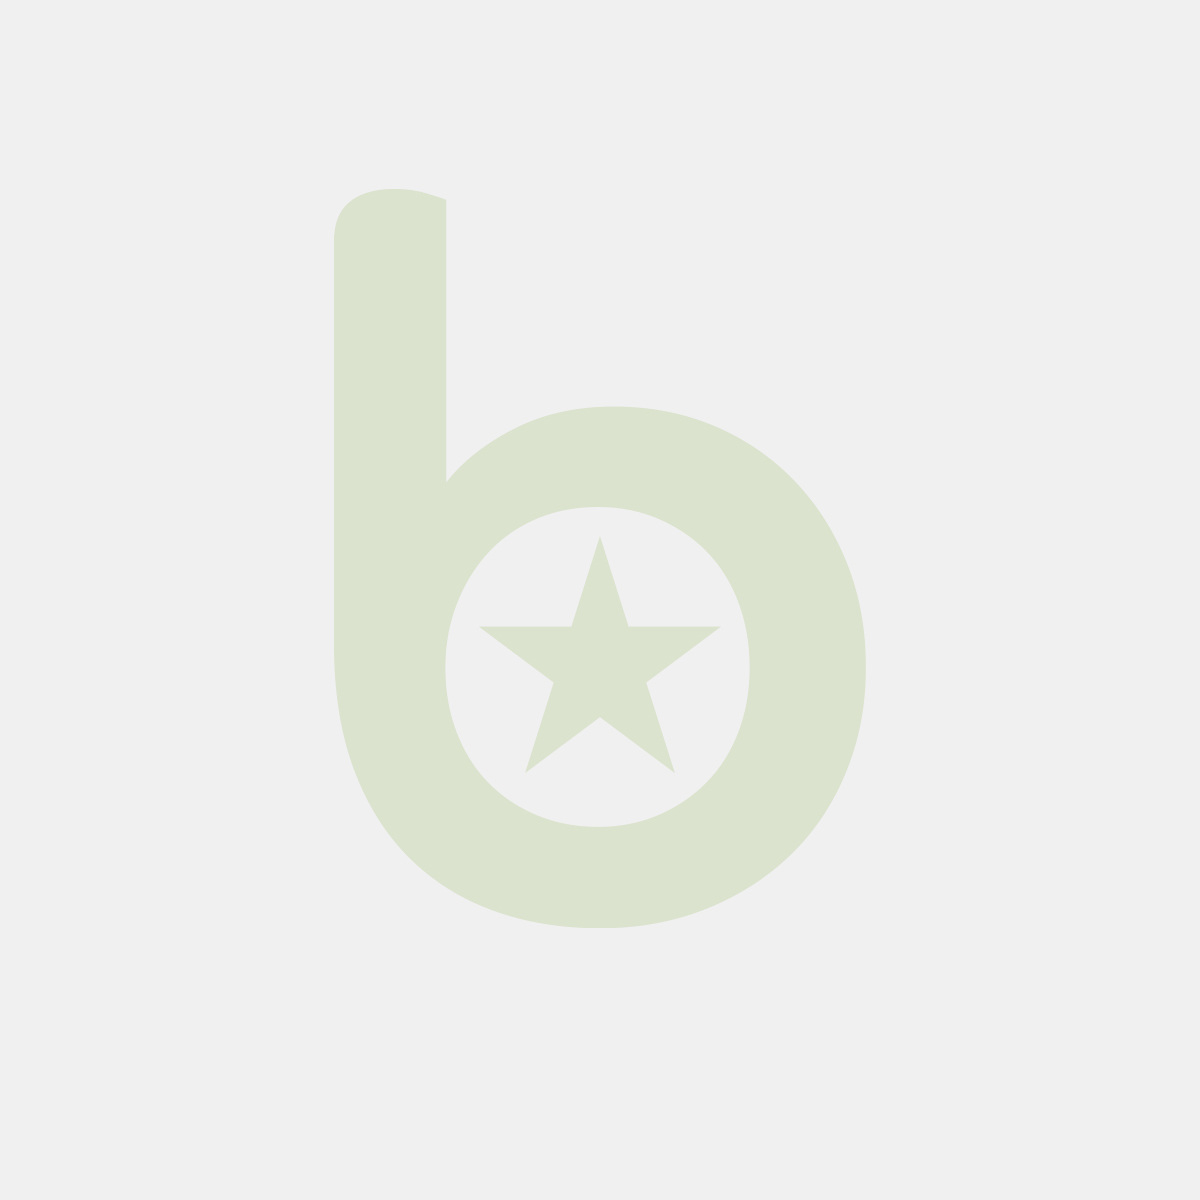 Pokrywka Do Gn Budget Line - Z Uszczelką Silikonową Gn 1/3